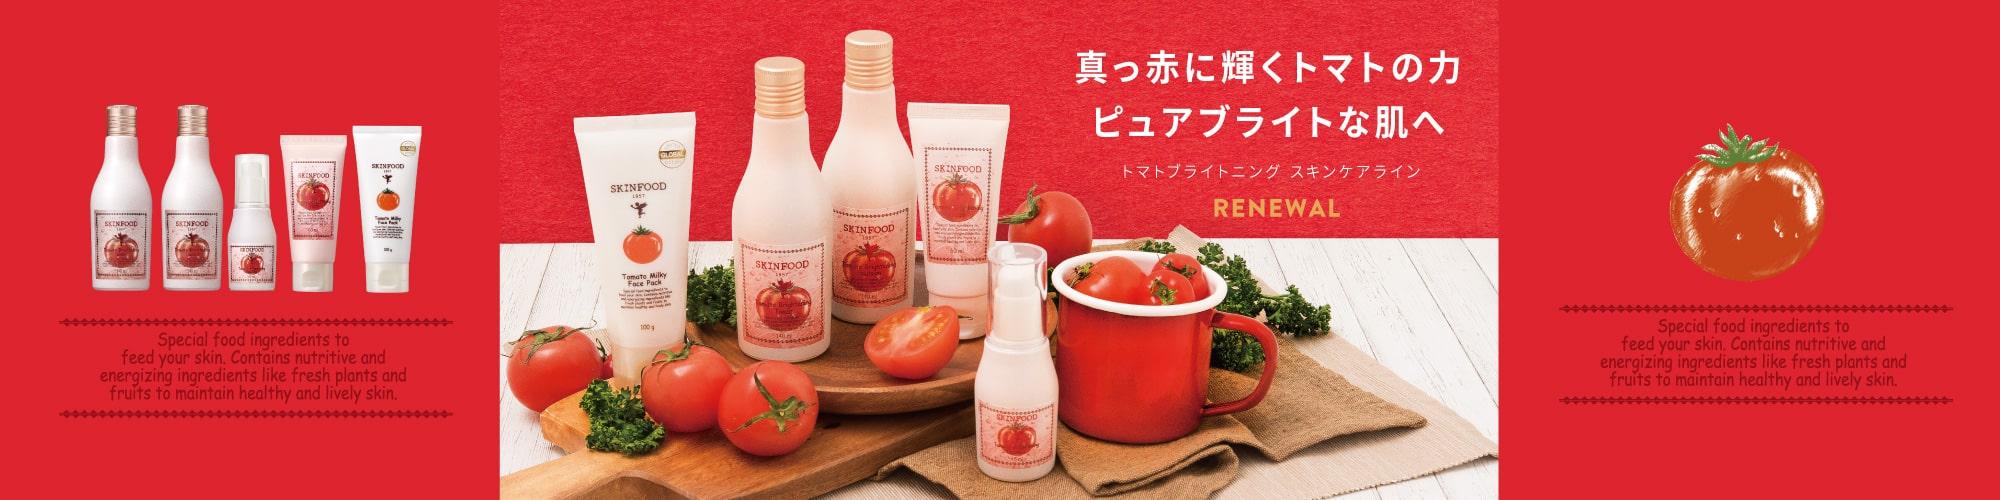 トマトブライトニング スキンケアライン